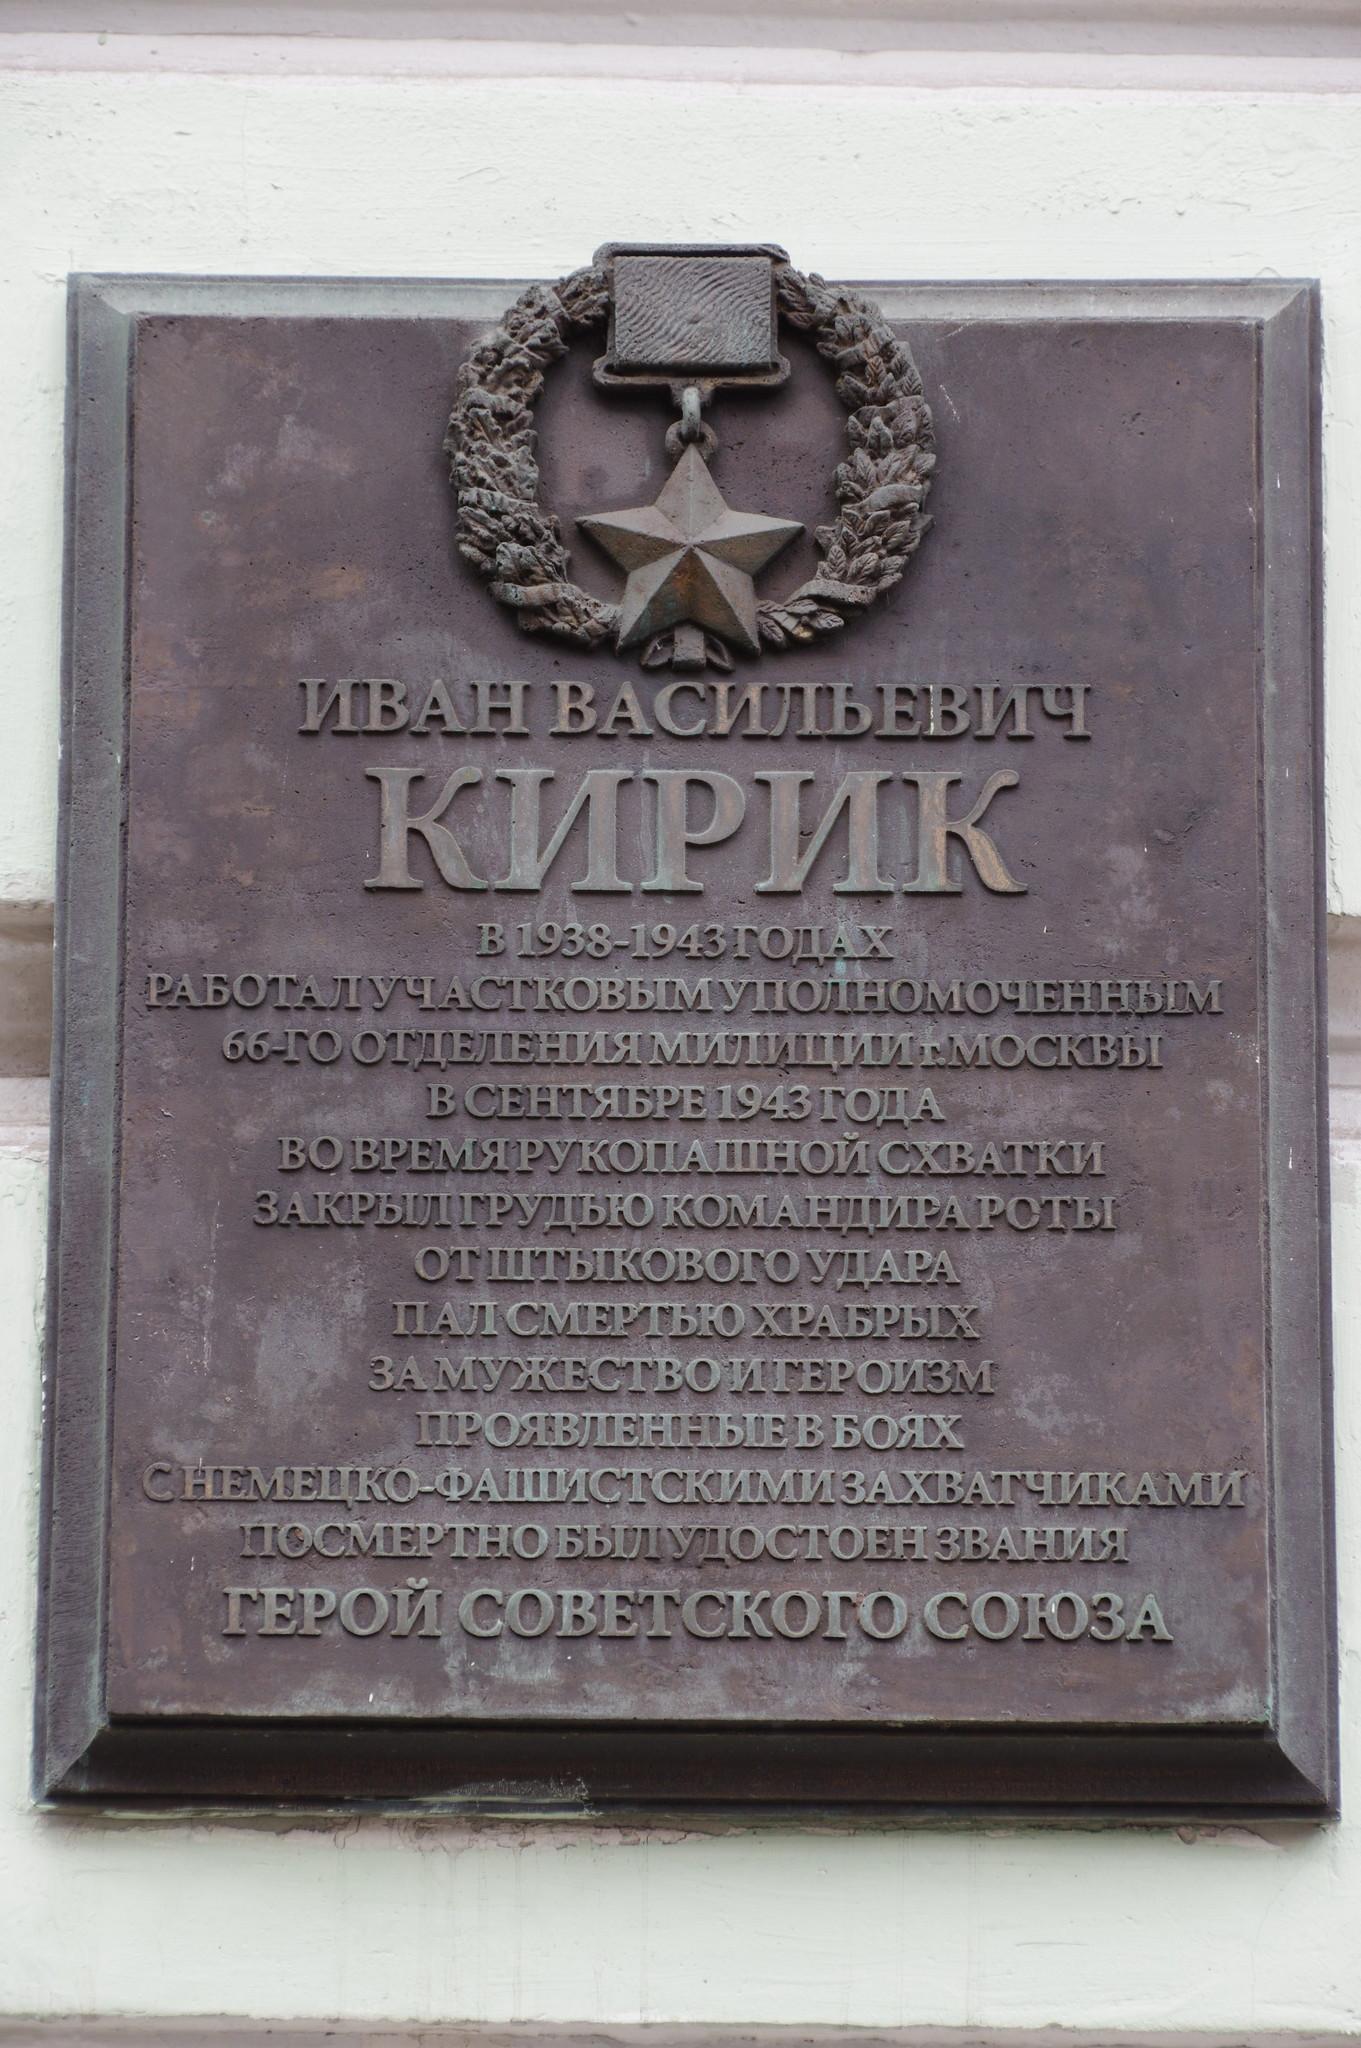 Мемориальная доска Герою Советского Союза Ивану Васильевичу Кирику (Новая Басманная улица, 33)